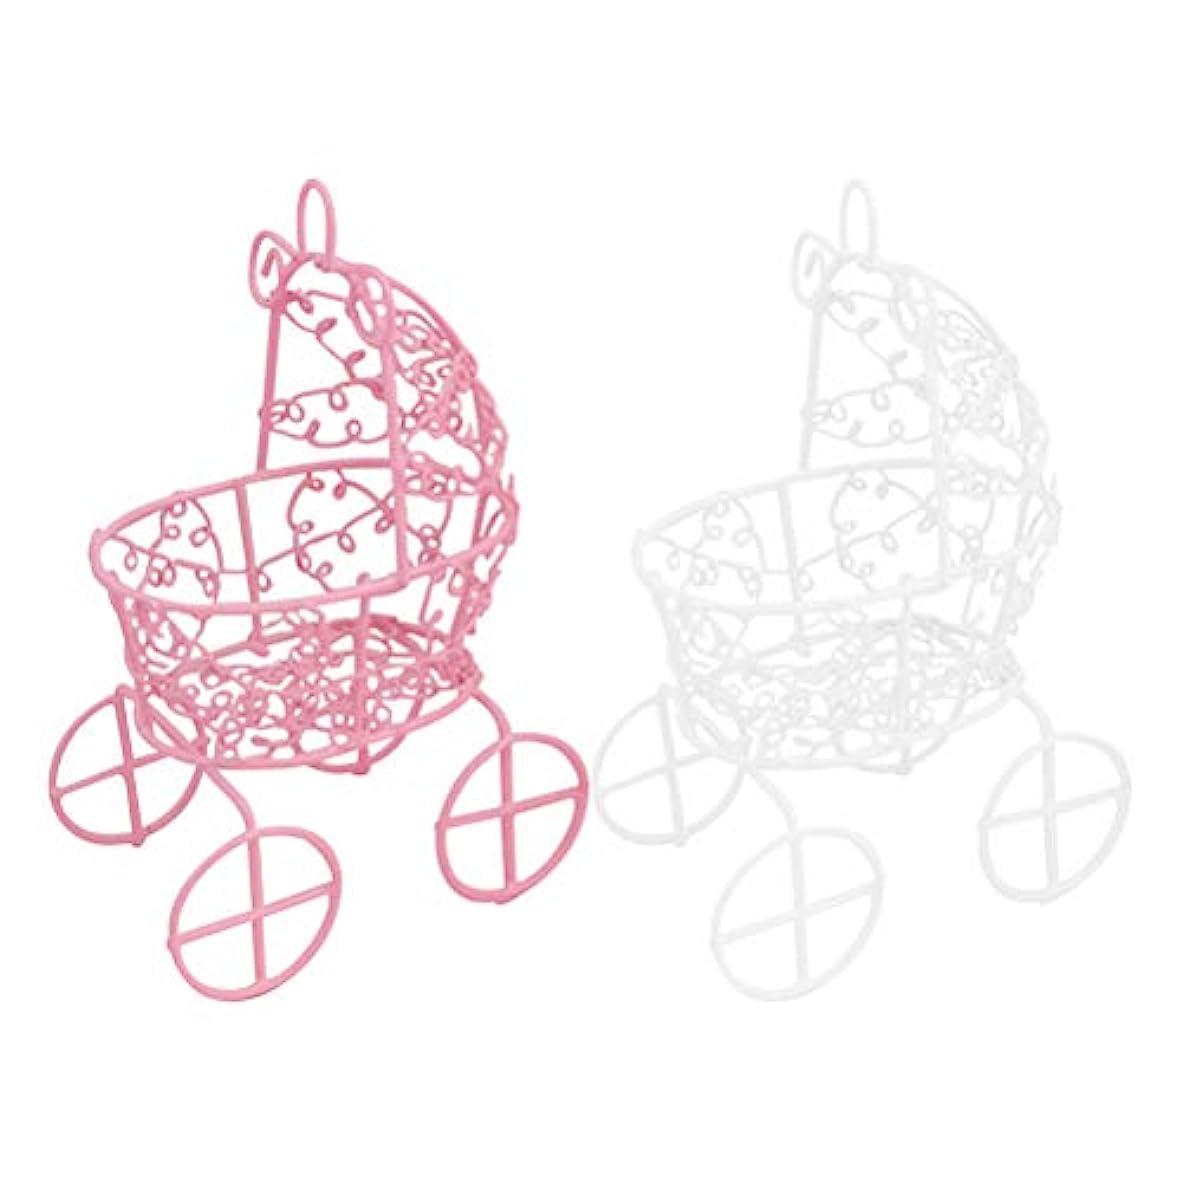 誘惑する医師小川Frcolor メイクスポンジスタンド パフホルダー パフ乾燥用スタンド 化粧用パフ收納 カビ防止 小型軽量 2色セット(ピンク+ホワイト)